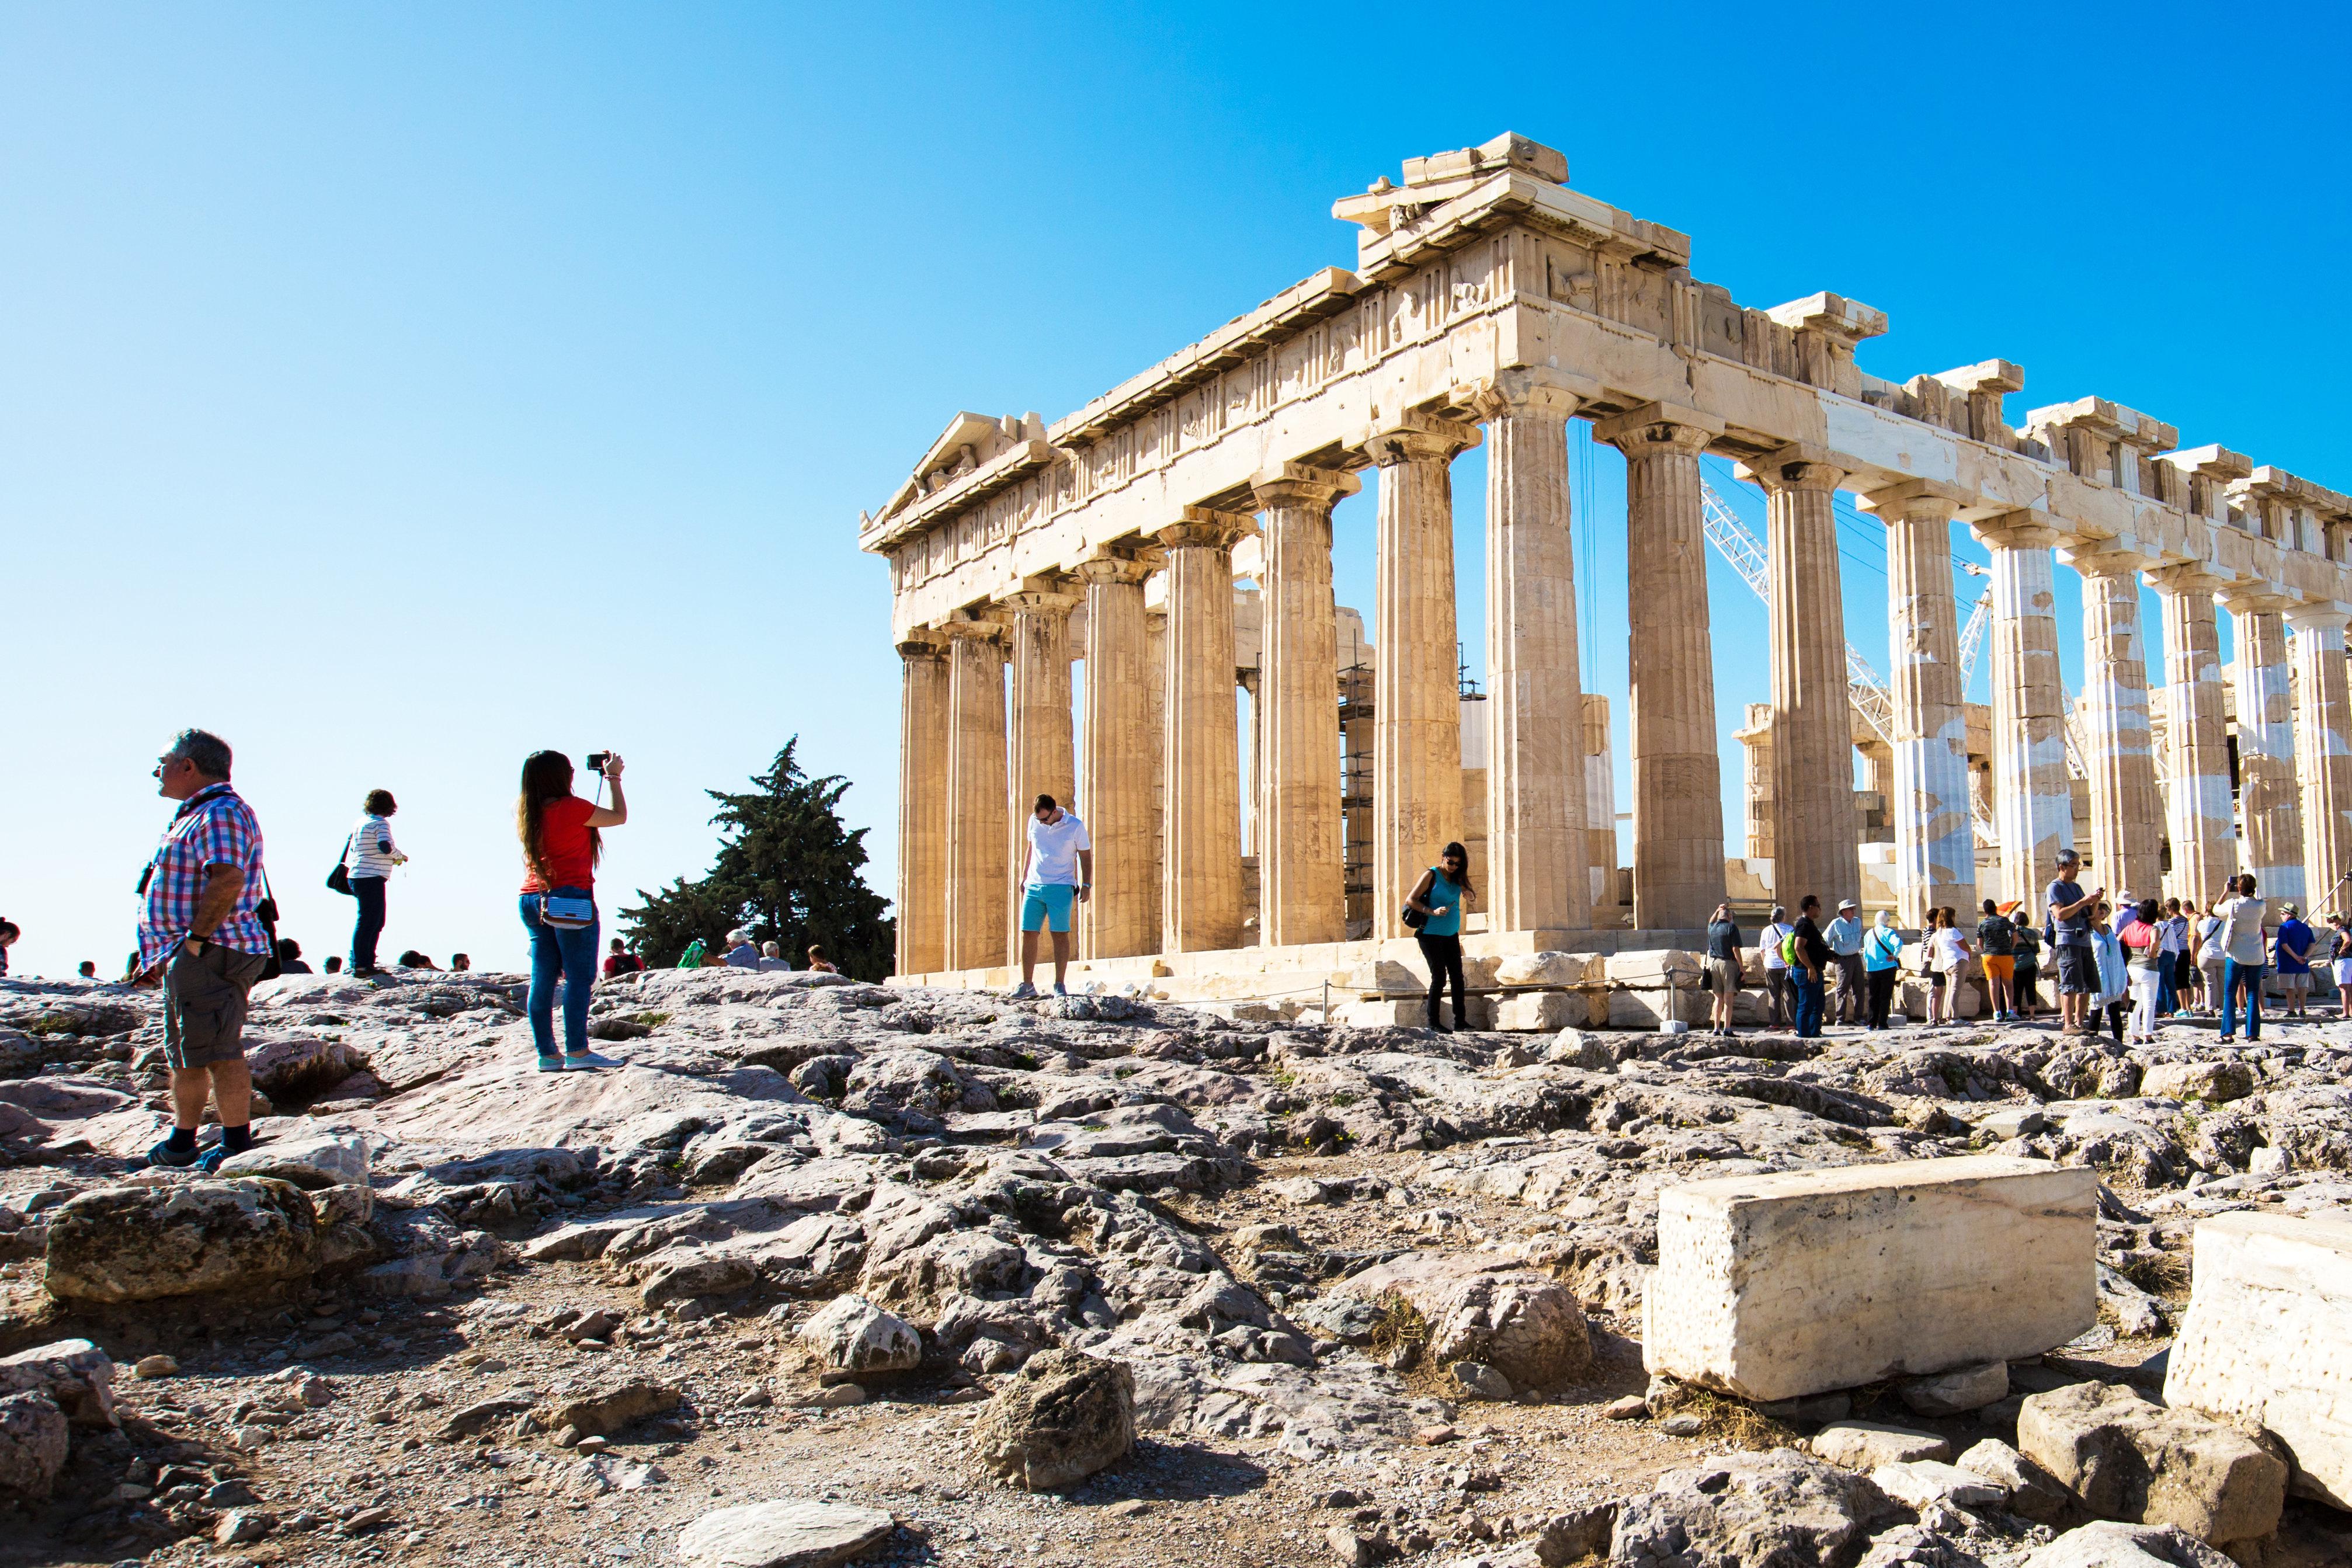 Ανάκληση της απόφασης: Ανοιχτός και με ελεύθερη είσοδο θα είναι σήμερα ο αρχαιολογικός χώρος της